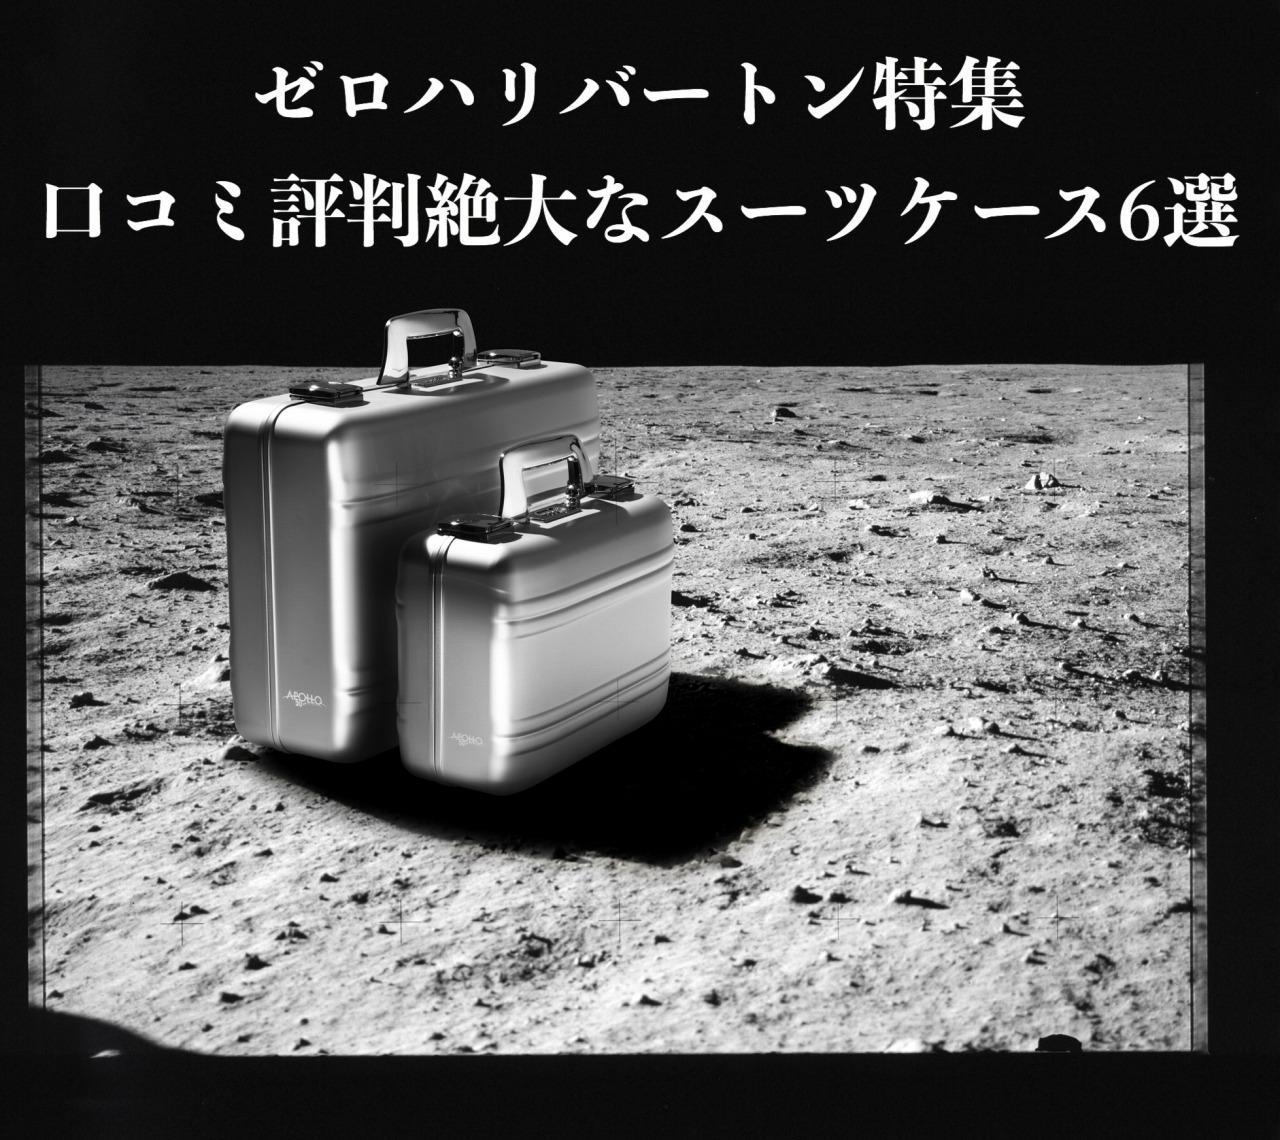 ゼロハリバートンの魅力 おすすめスーツケース6選【口コミ評判】